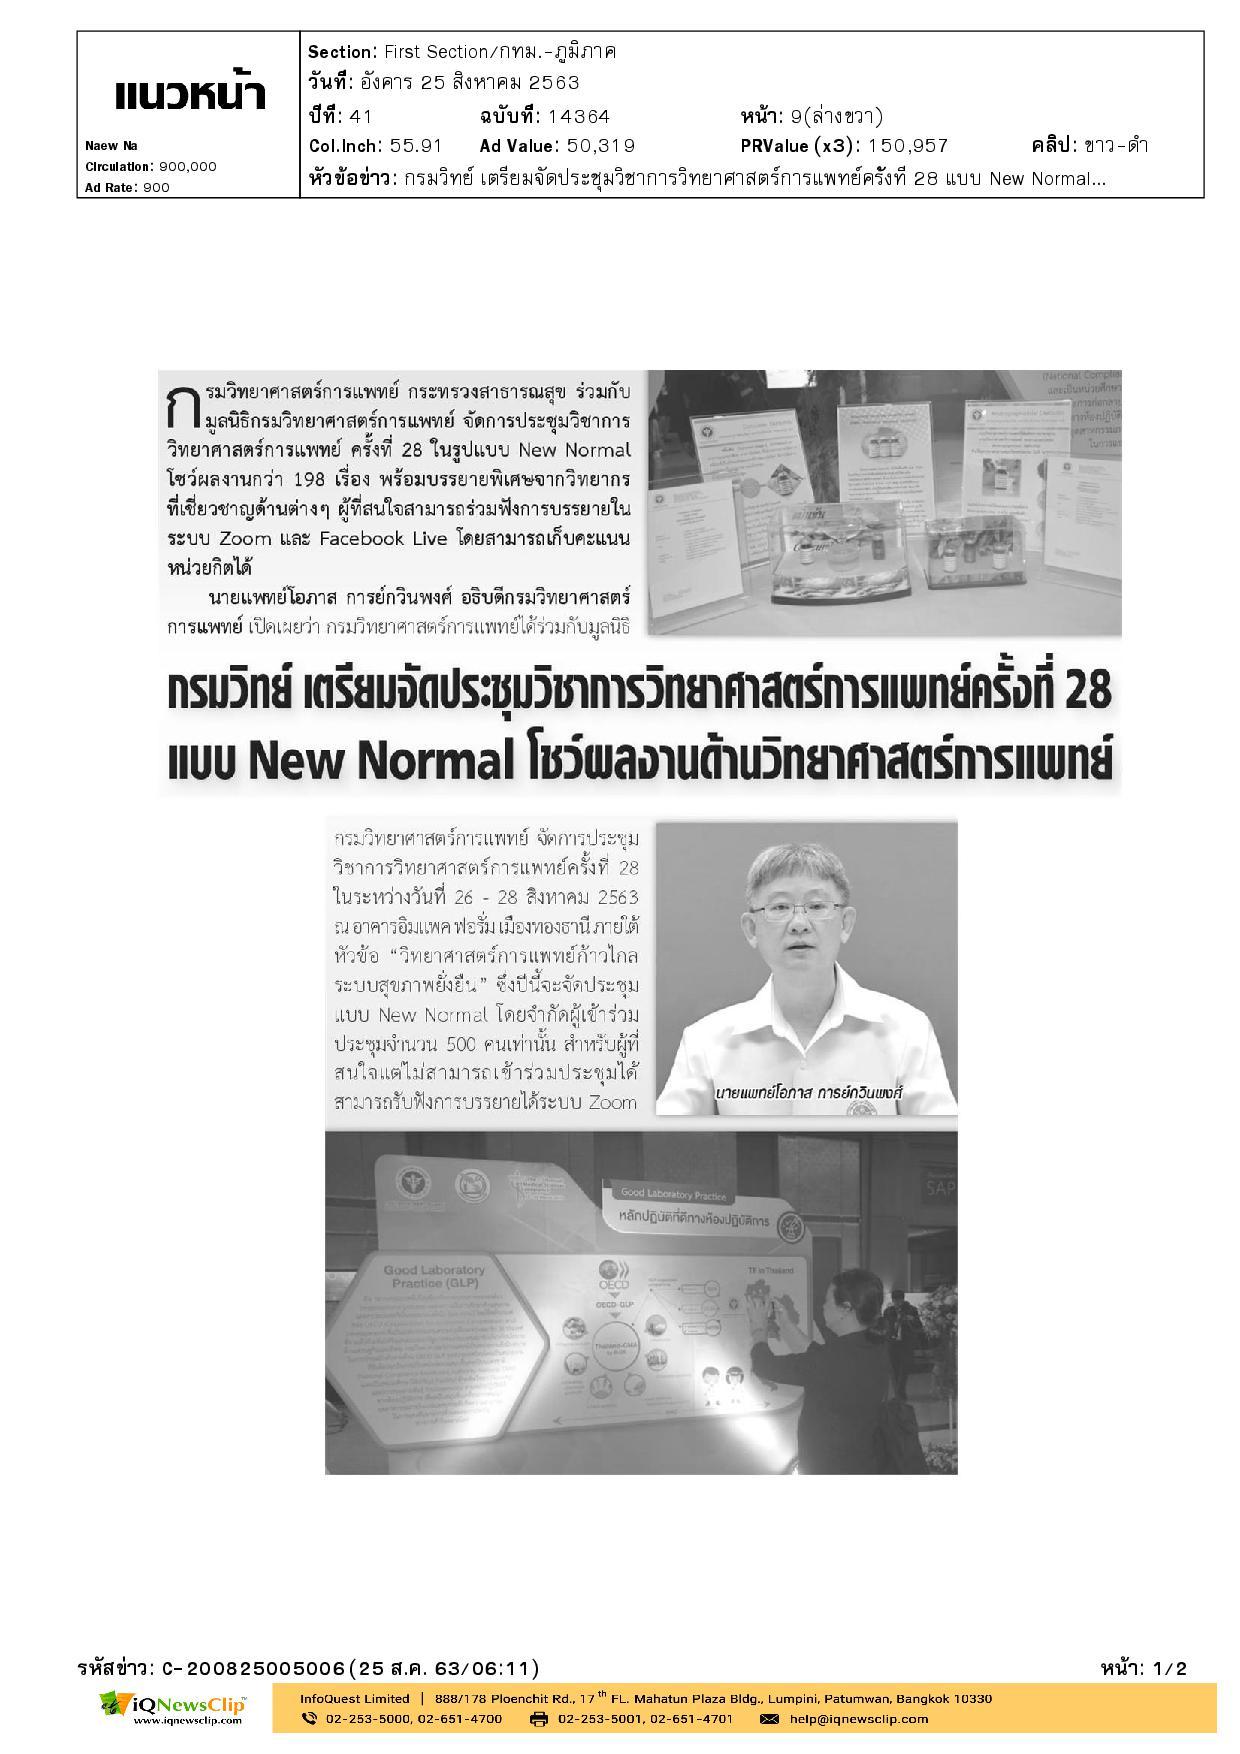 35 ปี เส้นทางเอดส์ของประเทศไทย